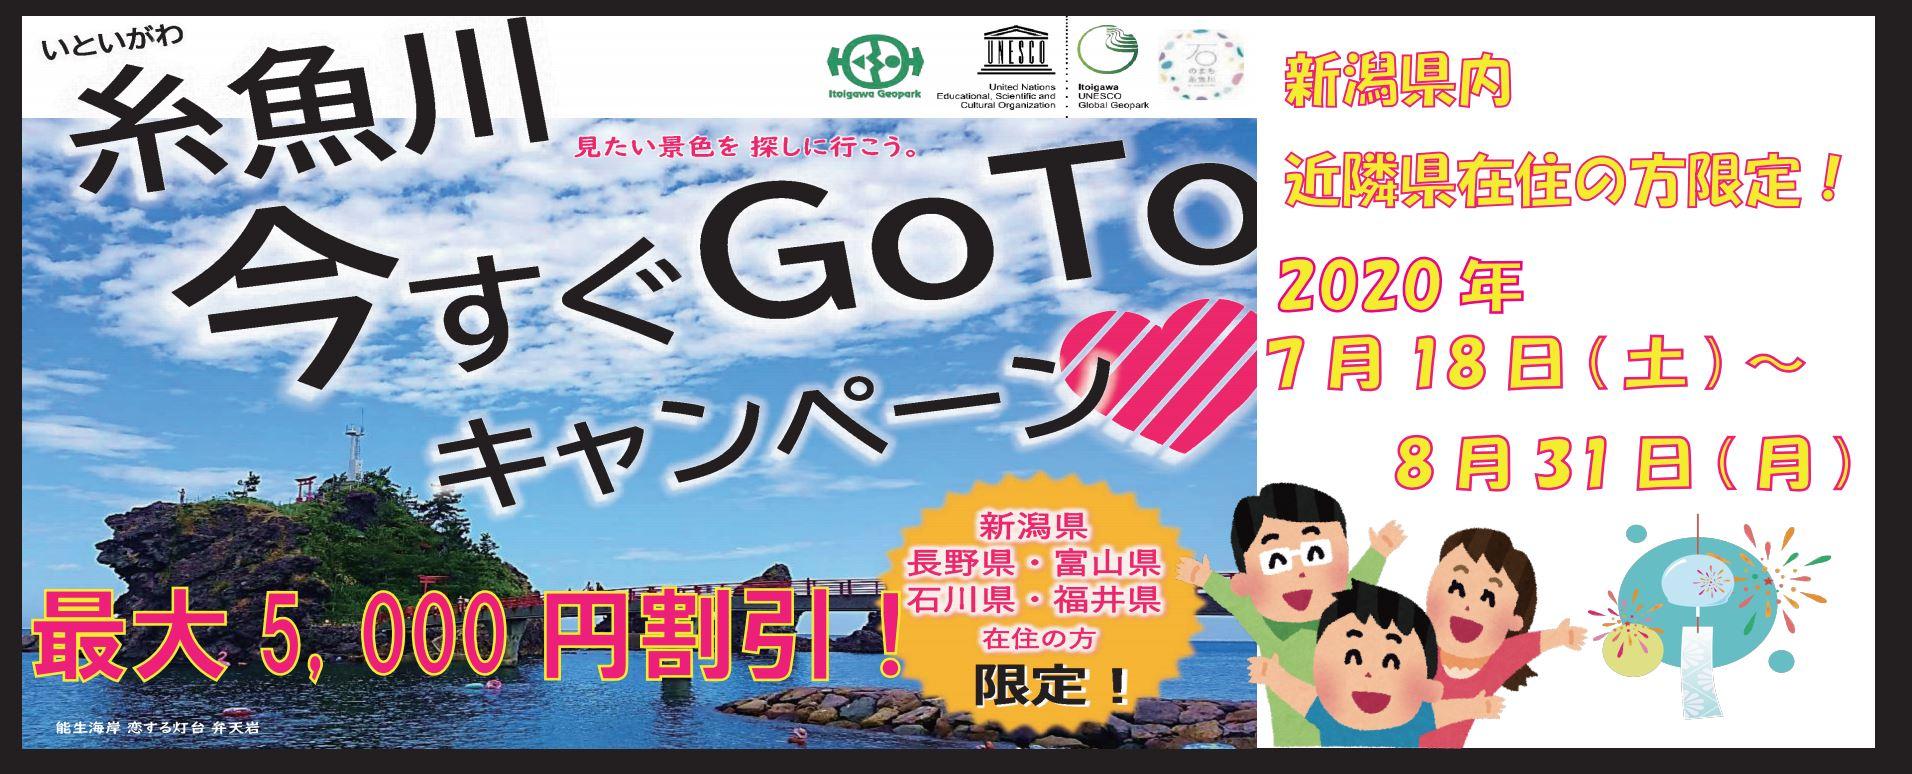 糸魚川今すぐGoToキャンペーン